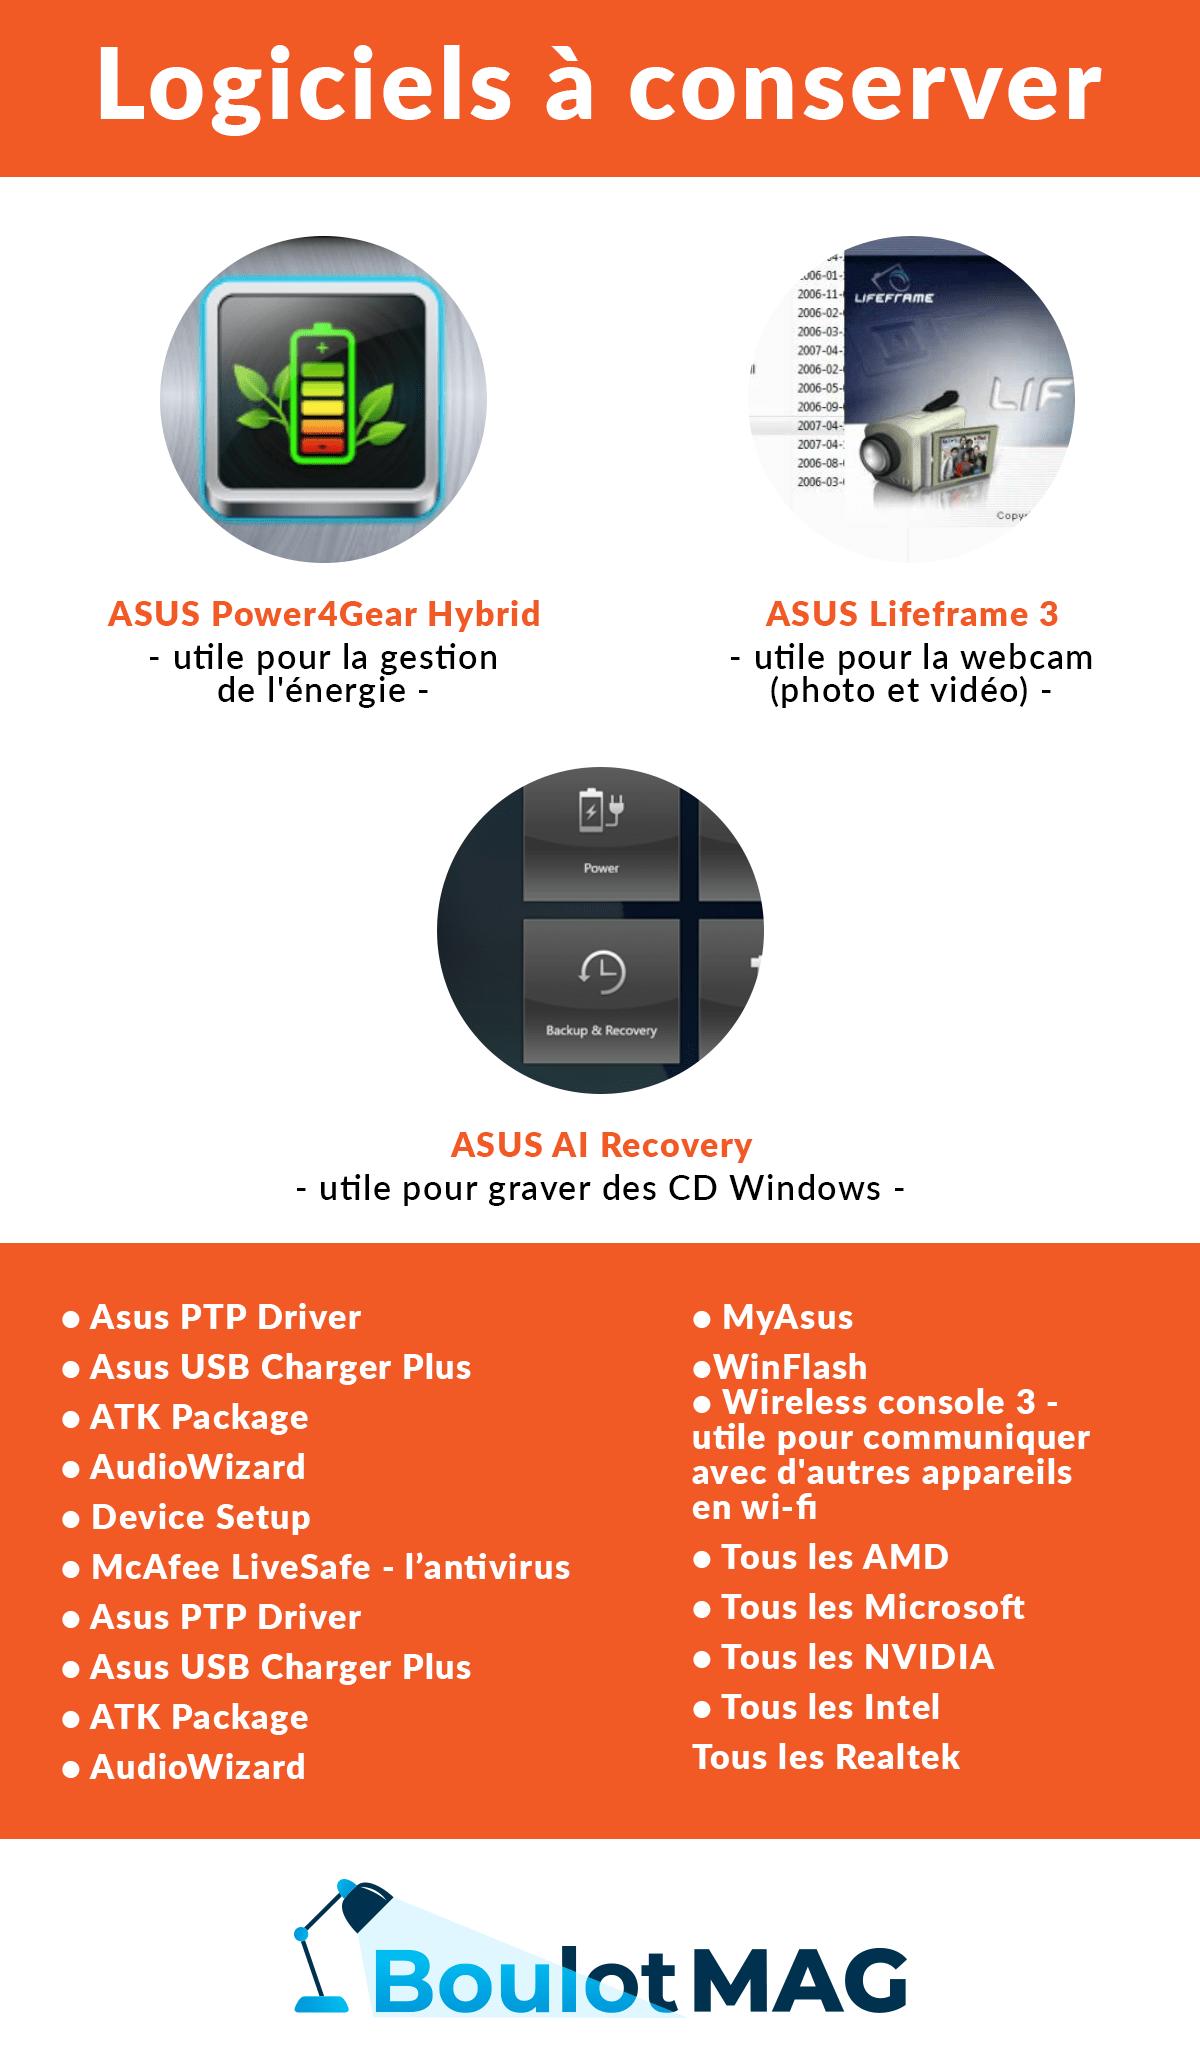 logiciels à conserver